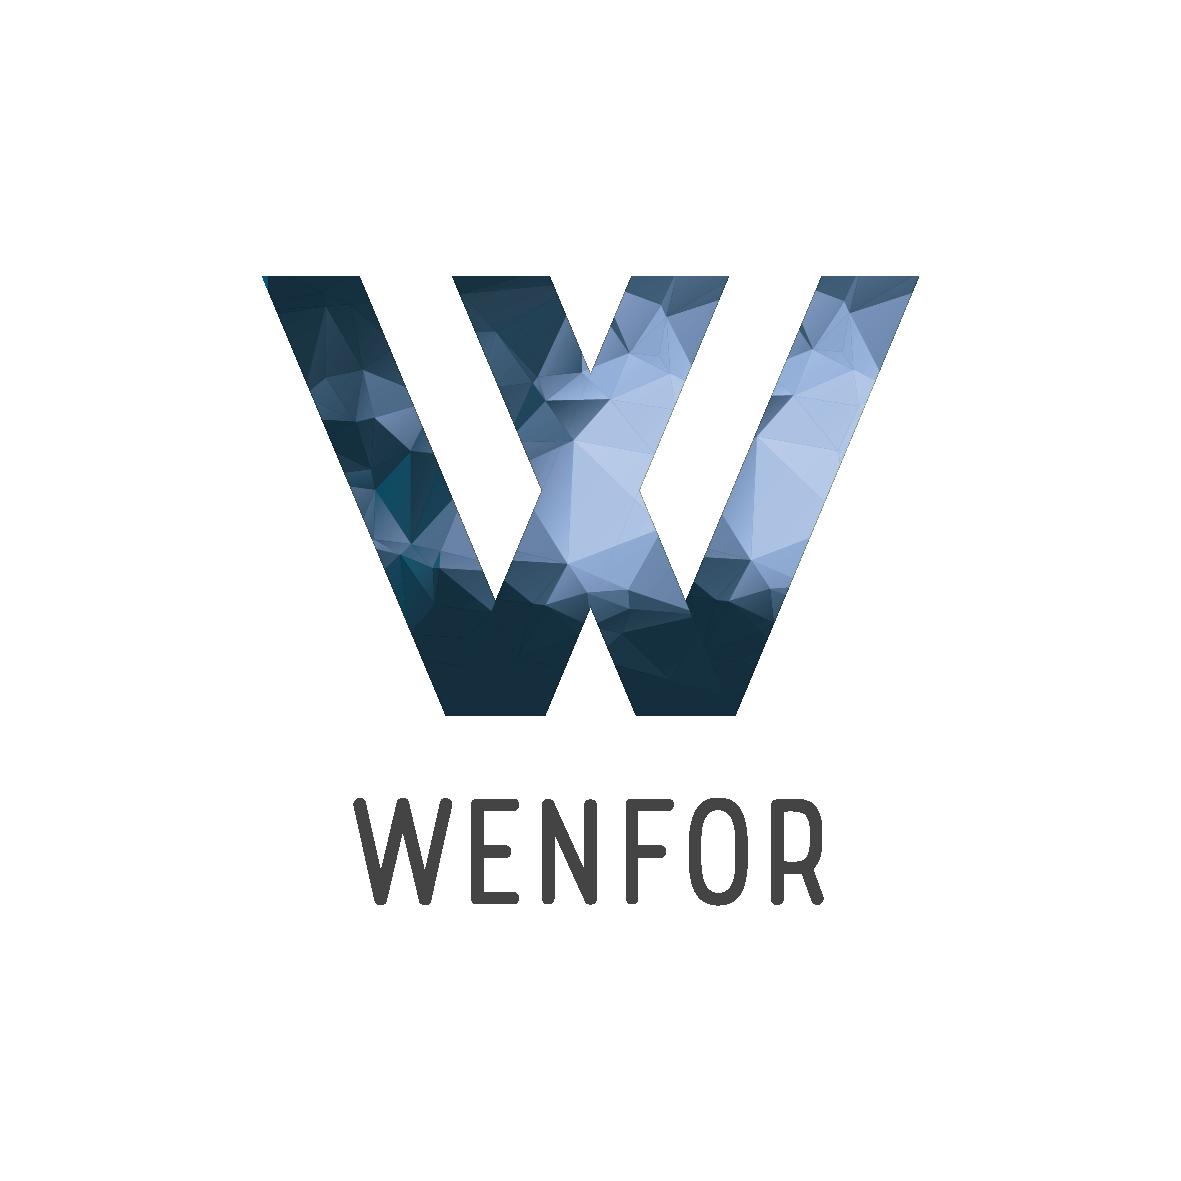 Wenfor